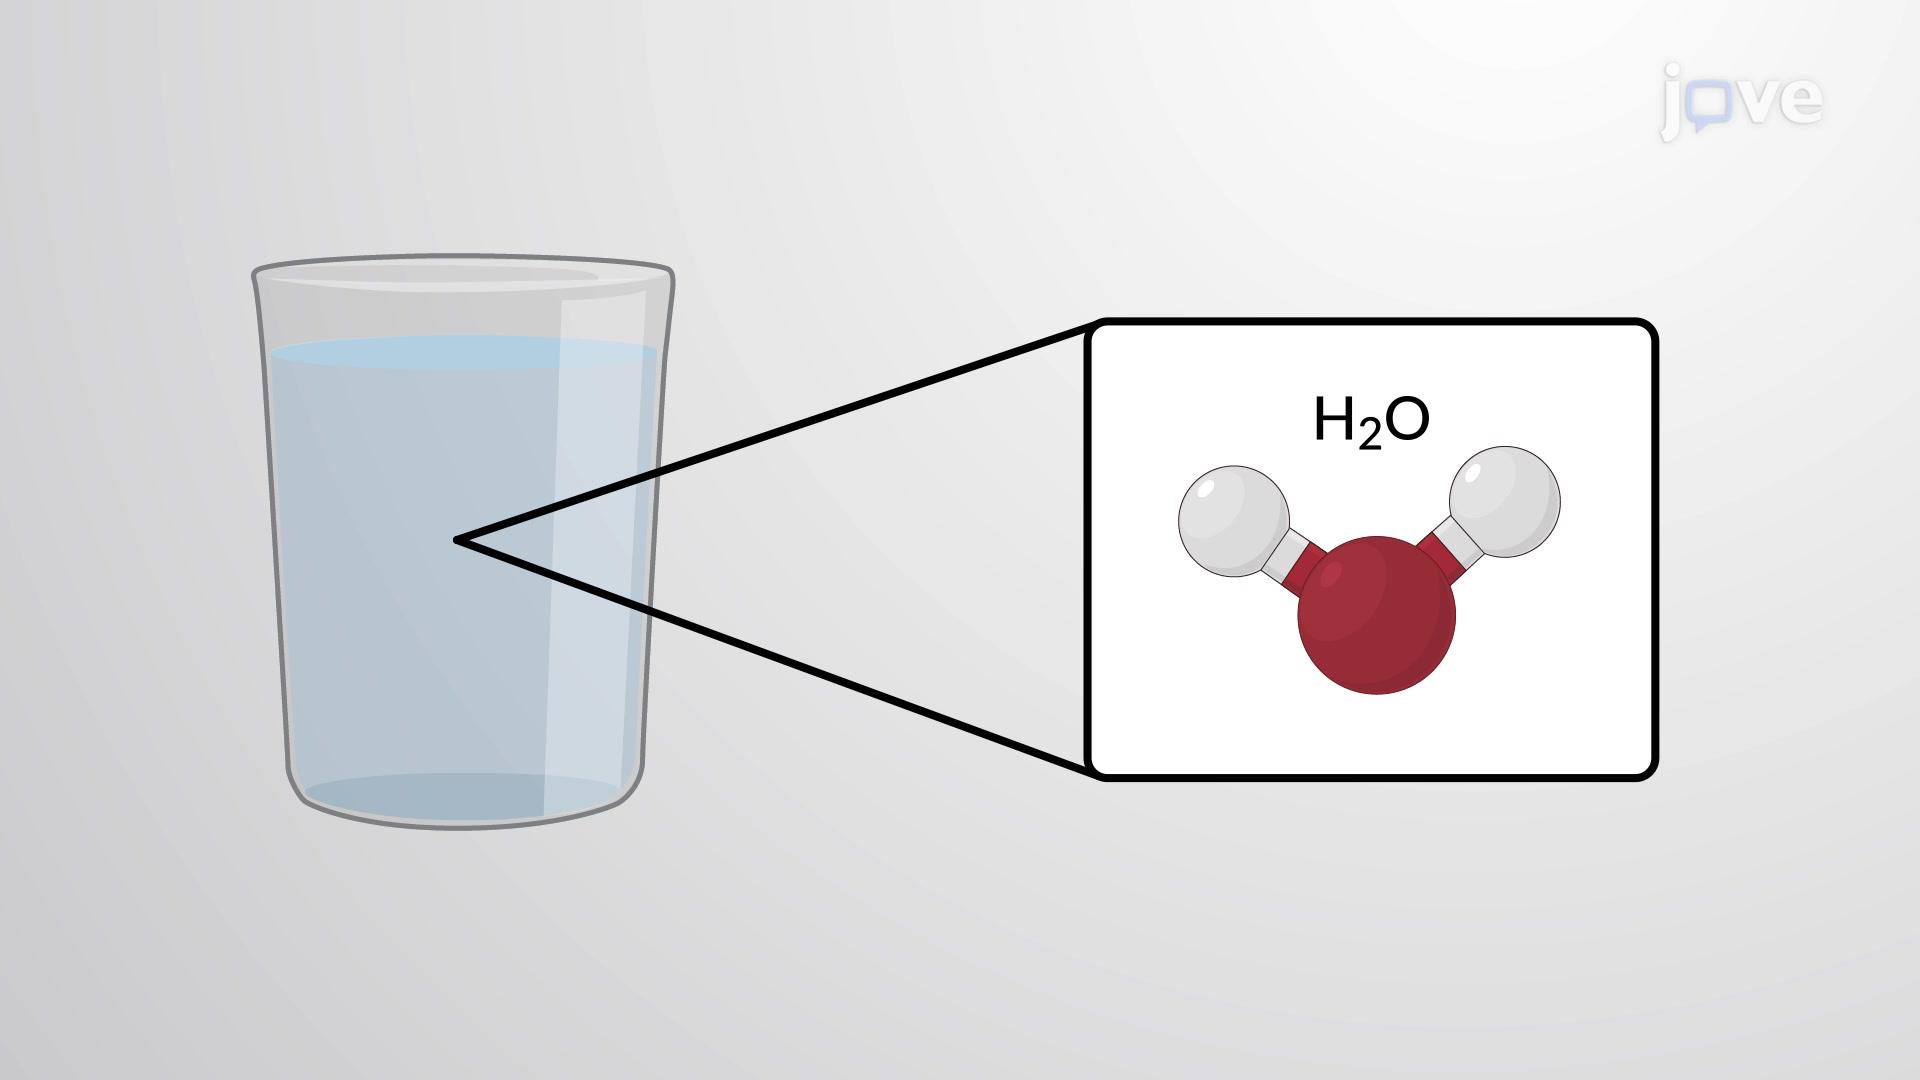 분자와 화합물